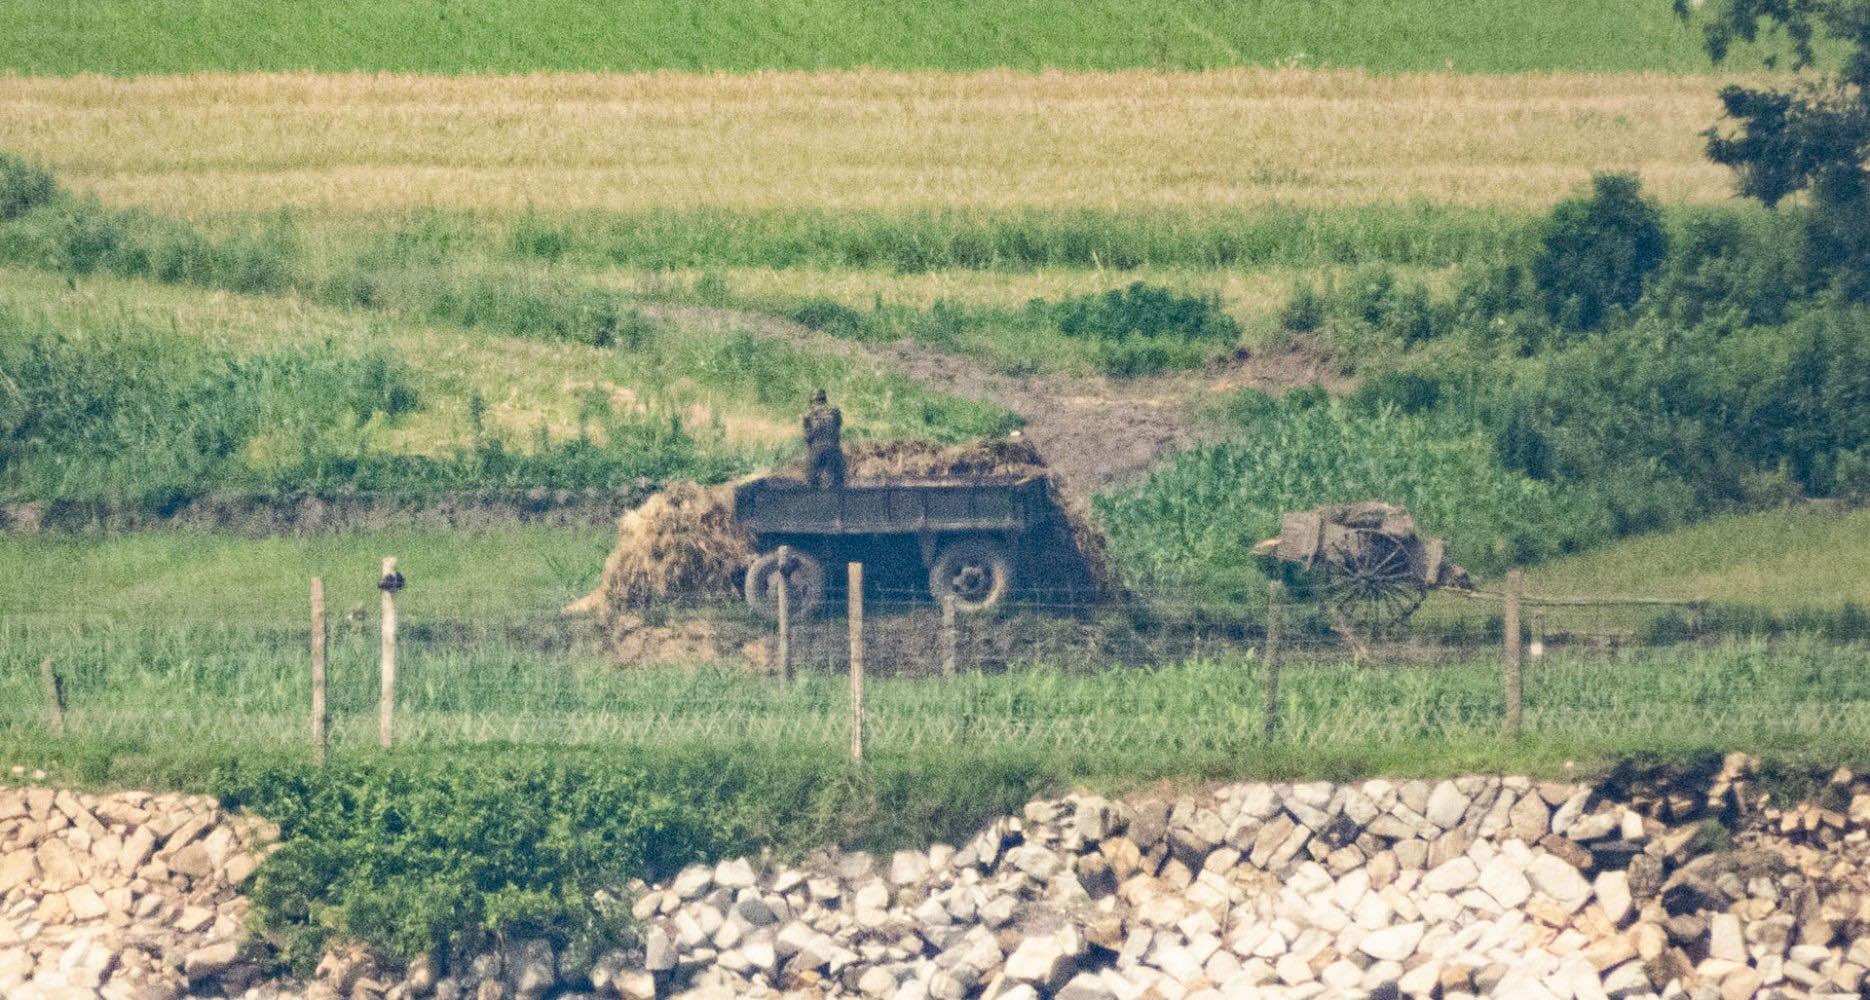 Ảnh hiếm về nông thôn Triều Tiên khi tình hình lương thực căng thẳng - Ảnh 7.